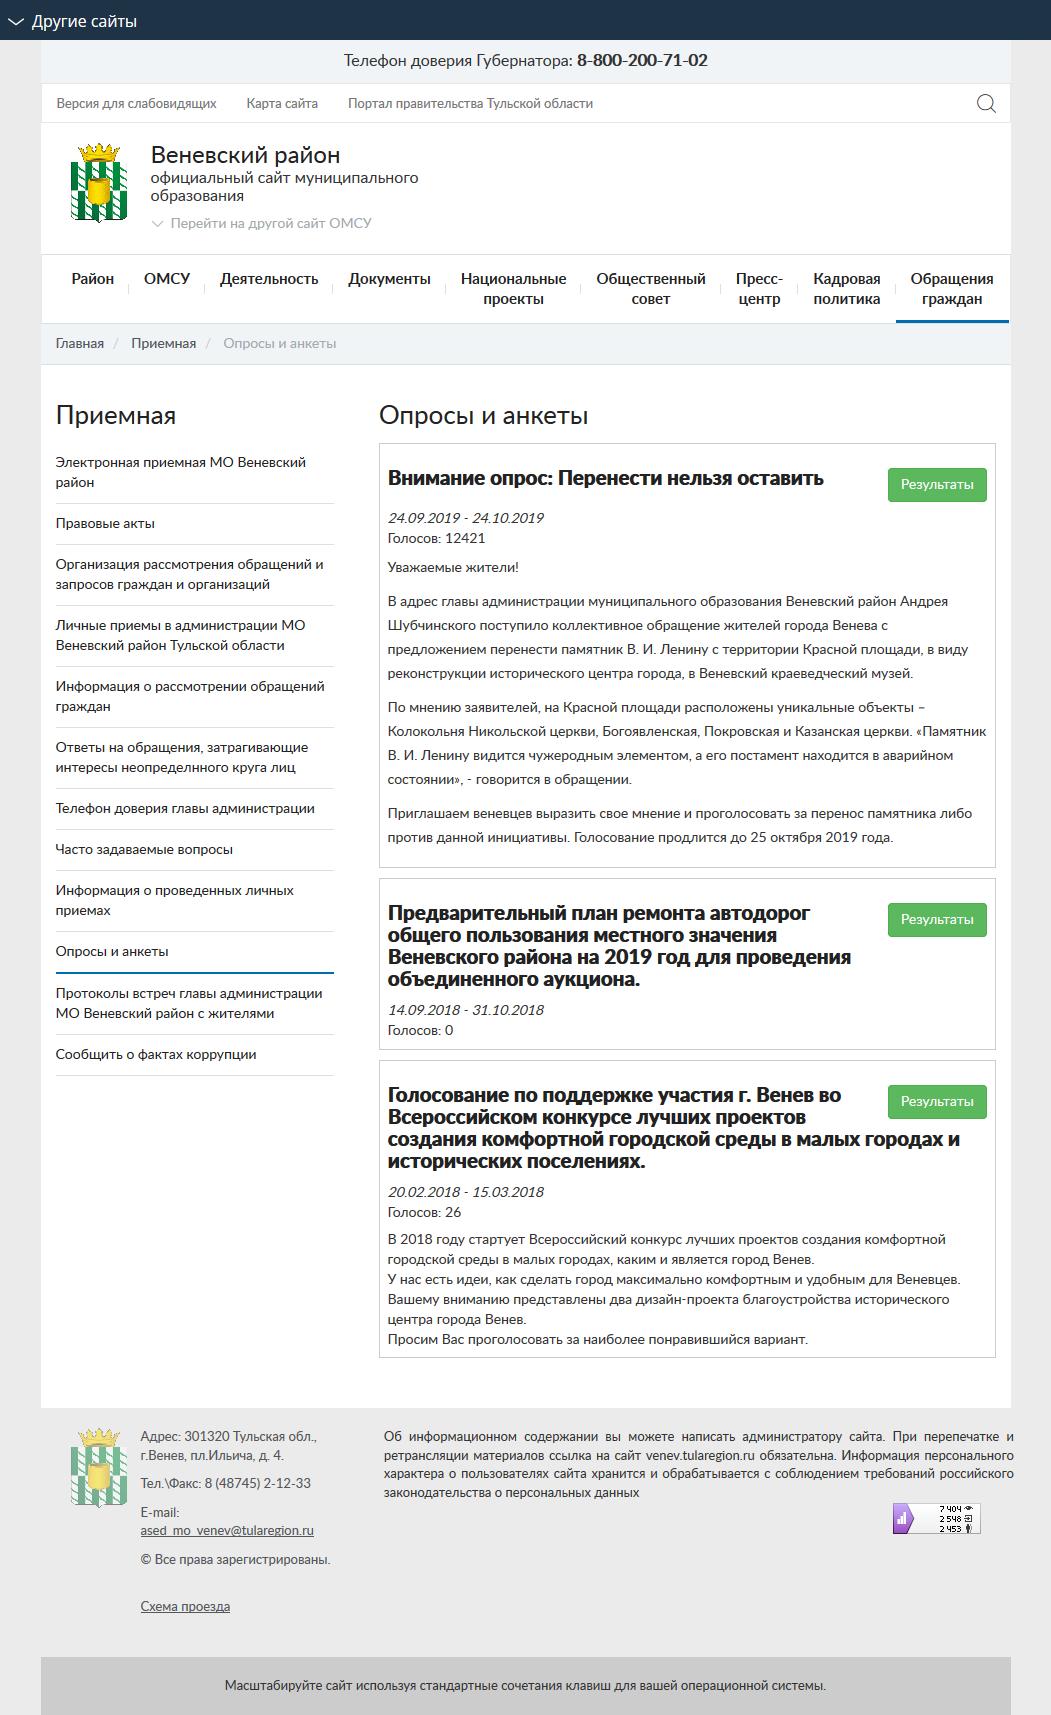 FS-20191003_11-18-n798-Опросы и анкеты-venev.tularegion.ru